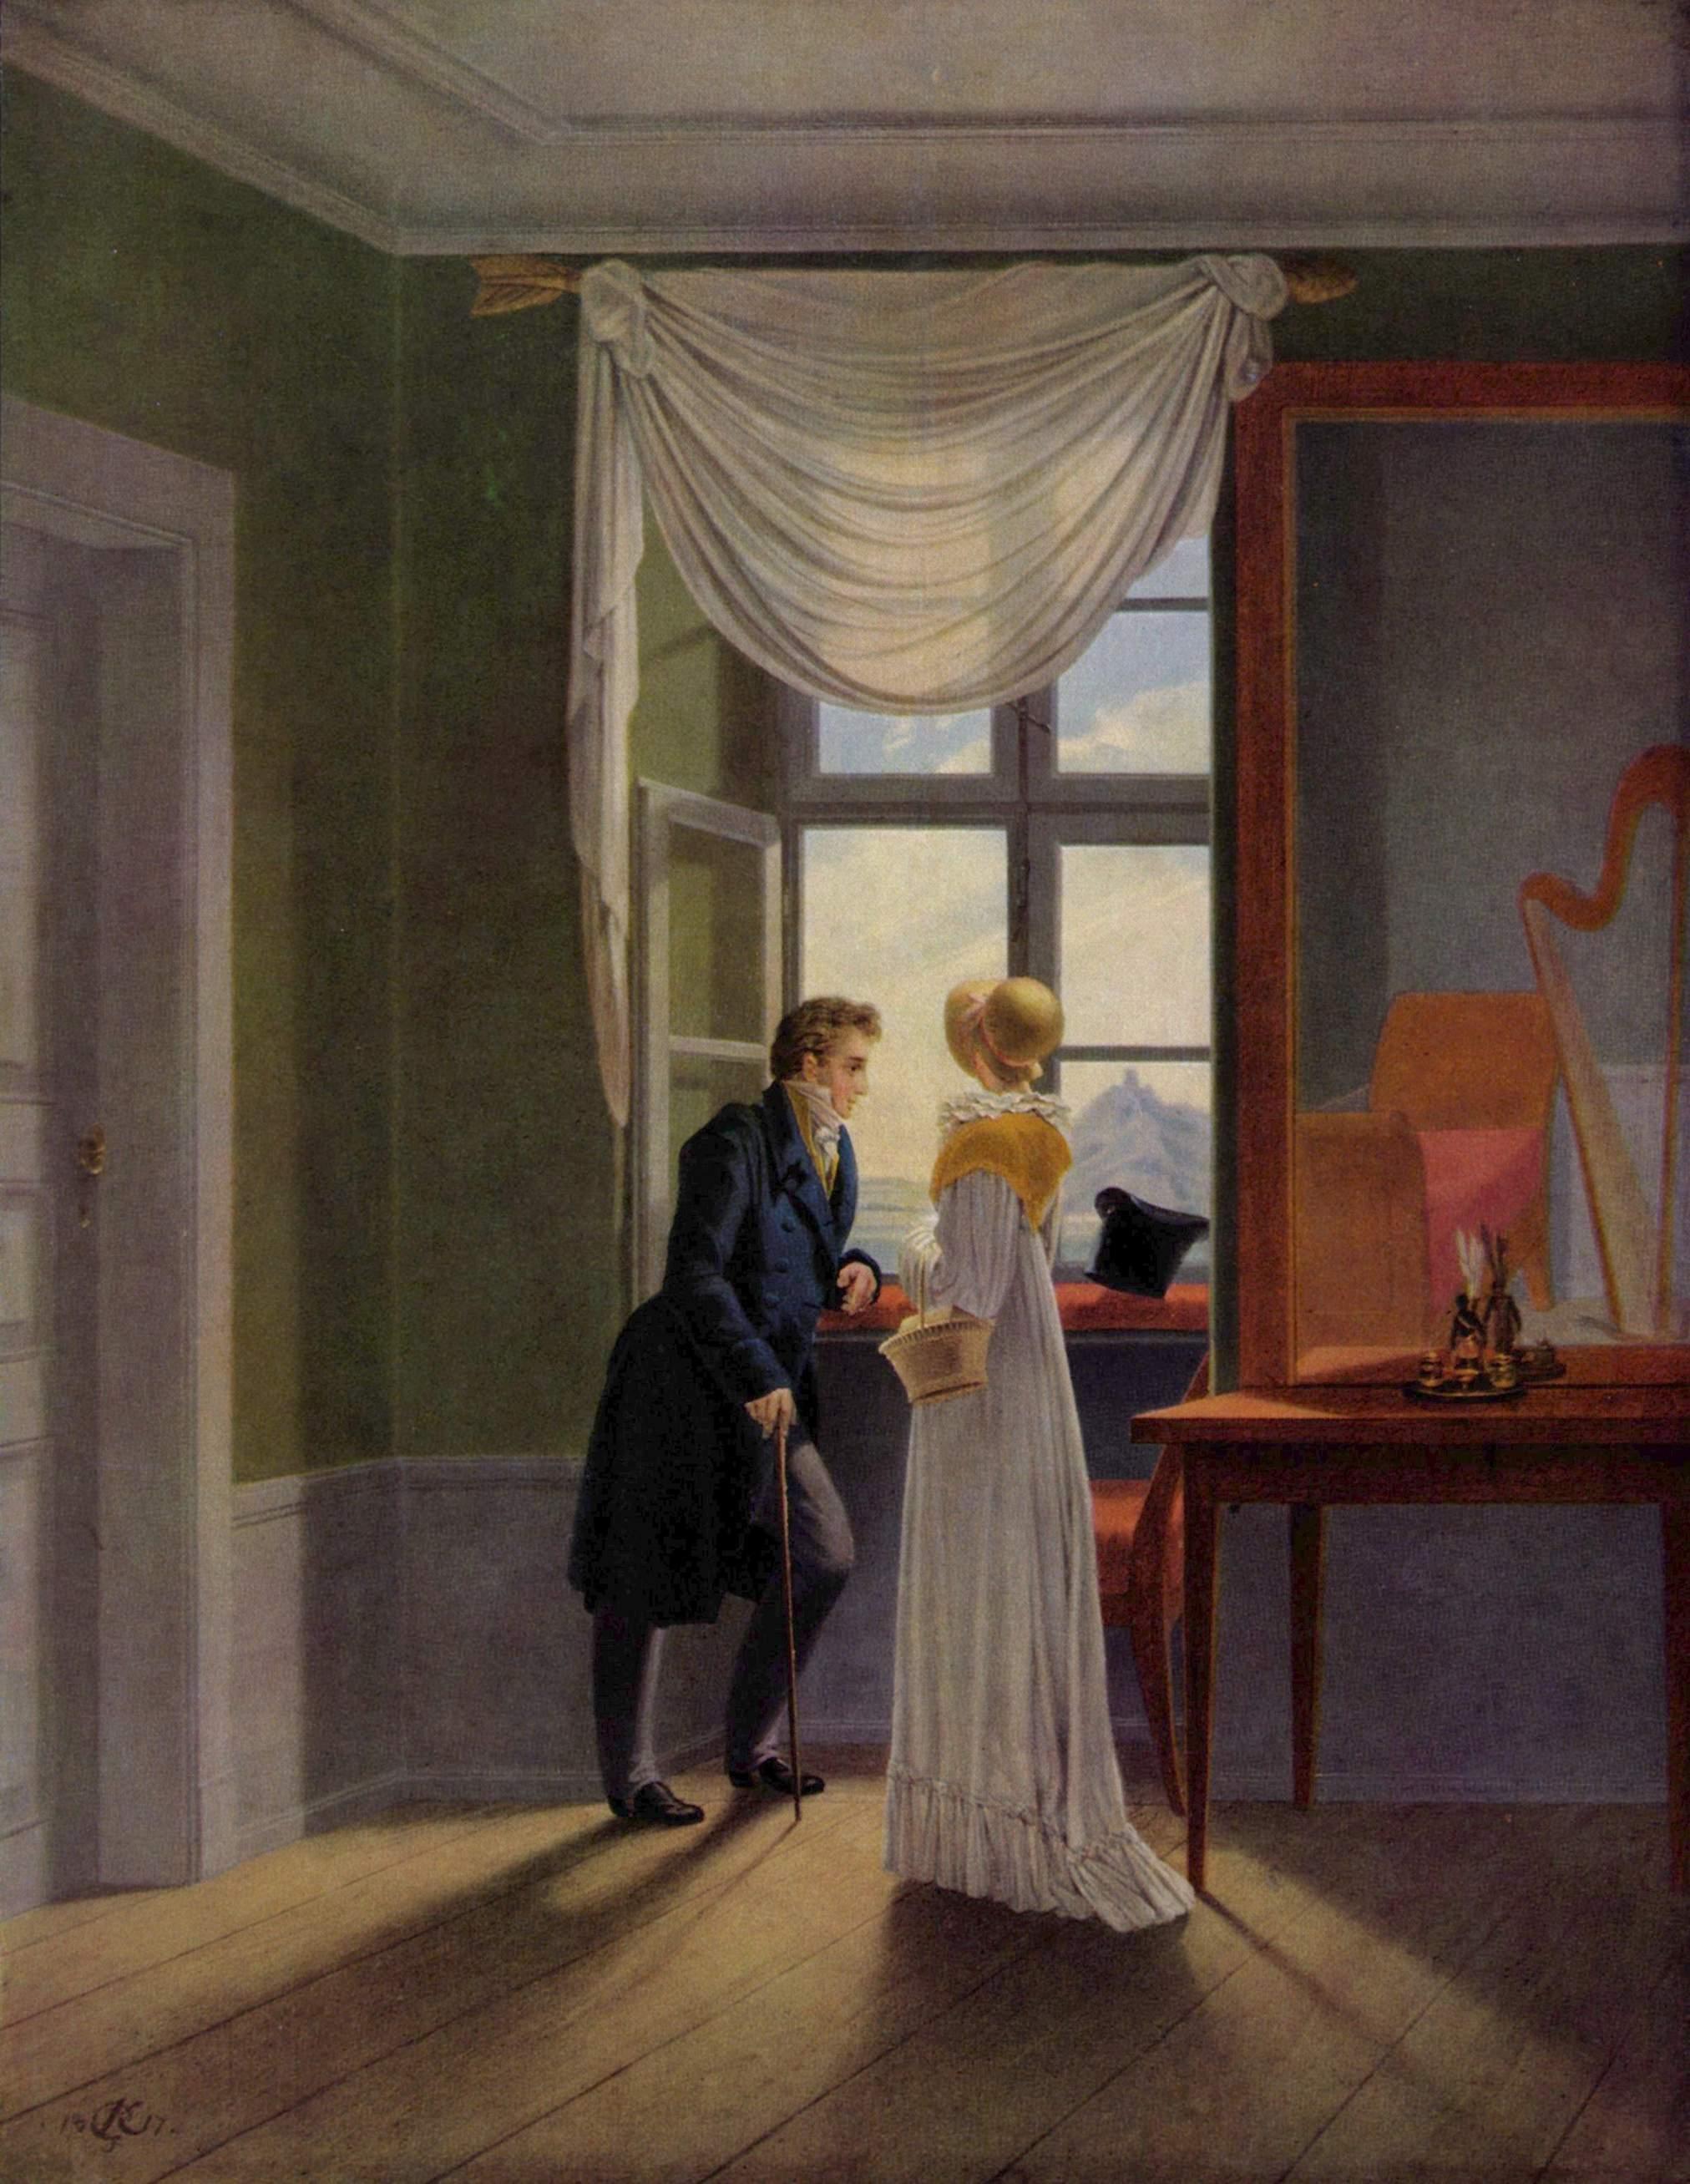 Пара у окна, Георг Фридрих Керстинг